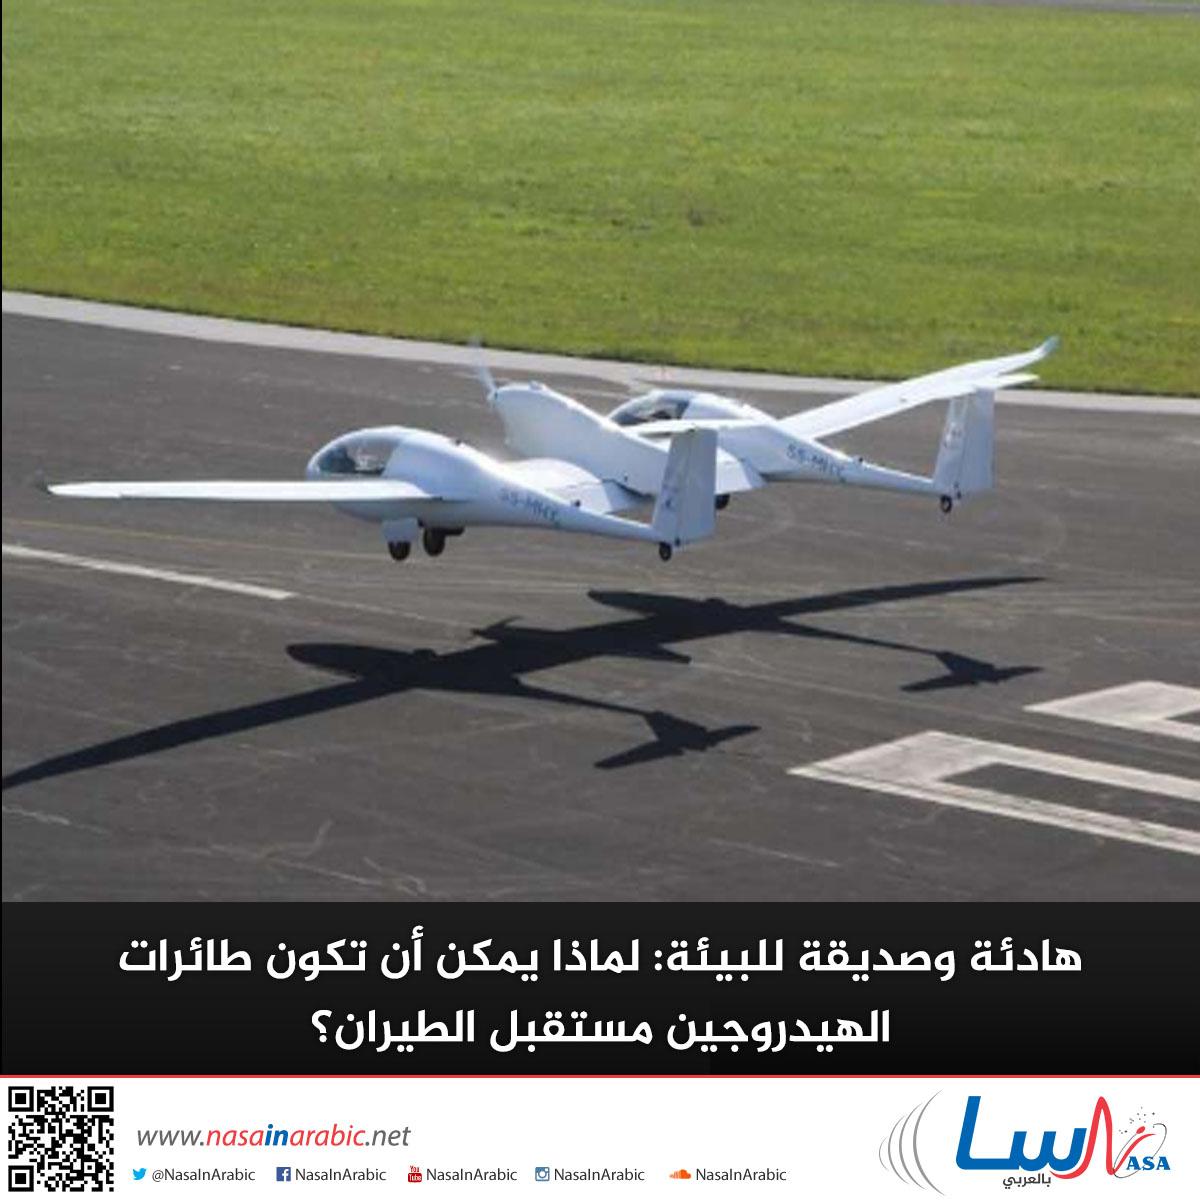 هادئة وصديقة للبيئة: لماذا يمكن أن تكون طائرات الهيدروجين مستقبل الطيران؟